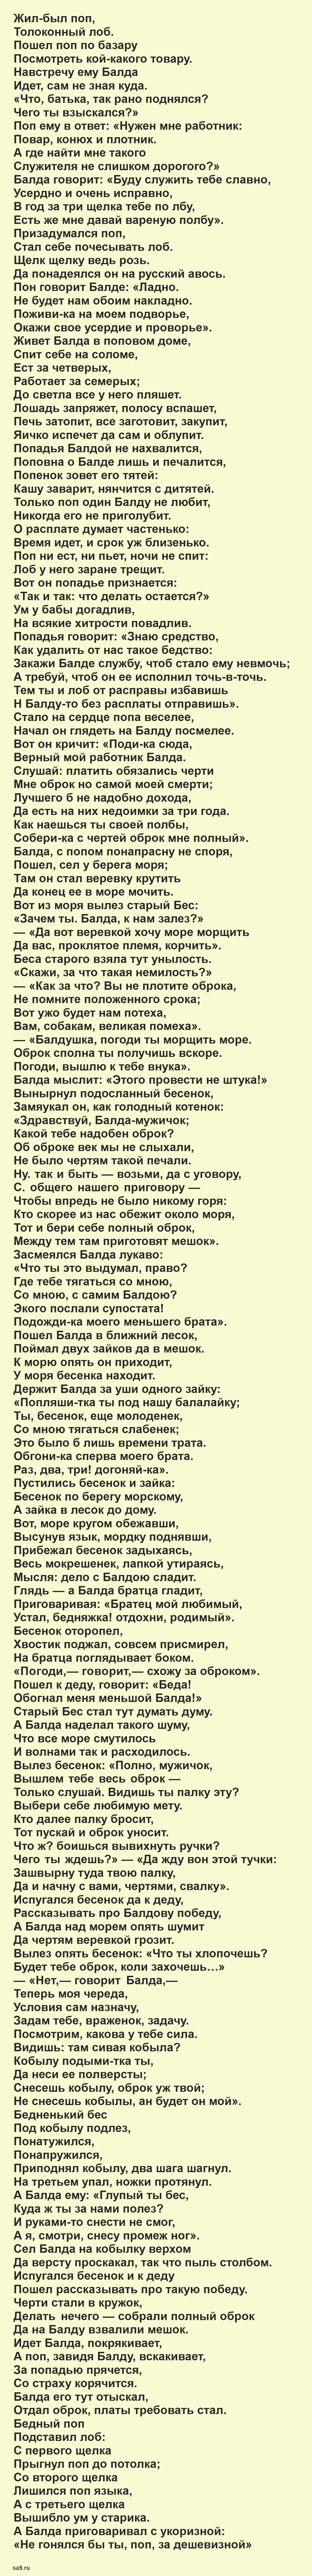 Сказка о попе и работнике его балде, Пушкин